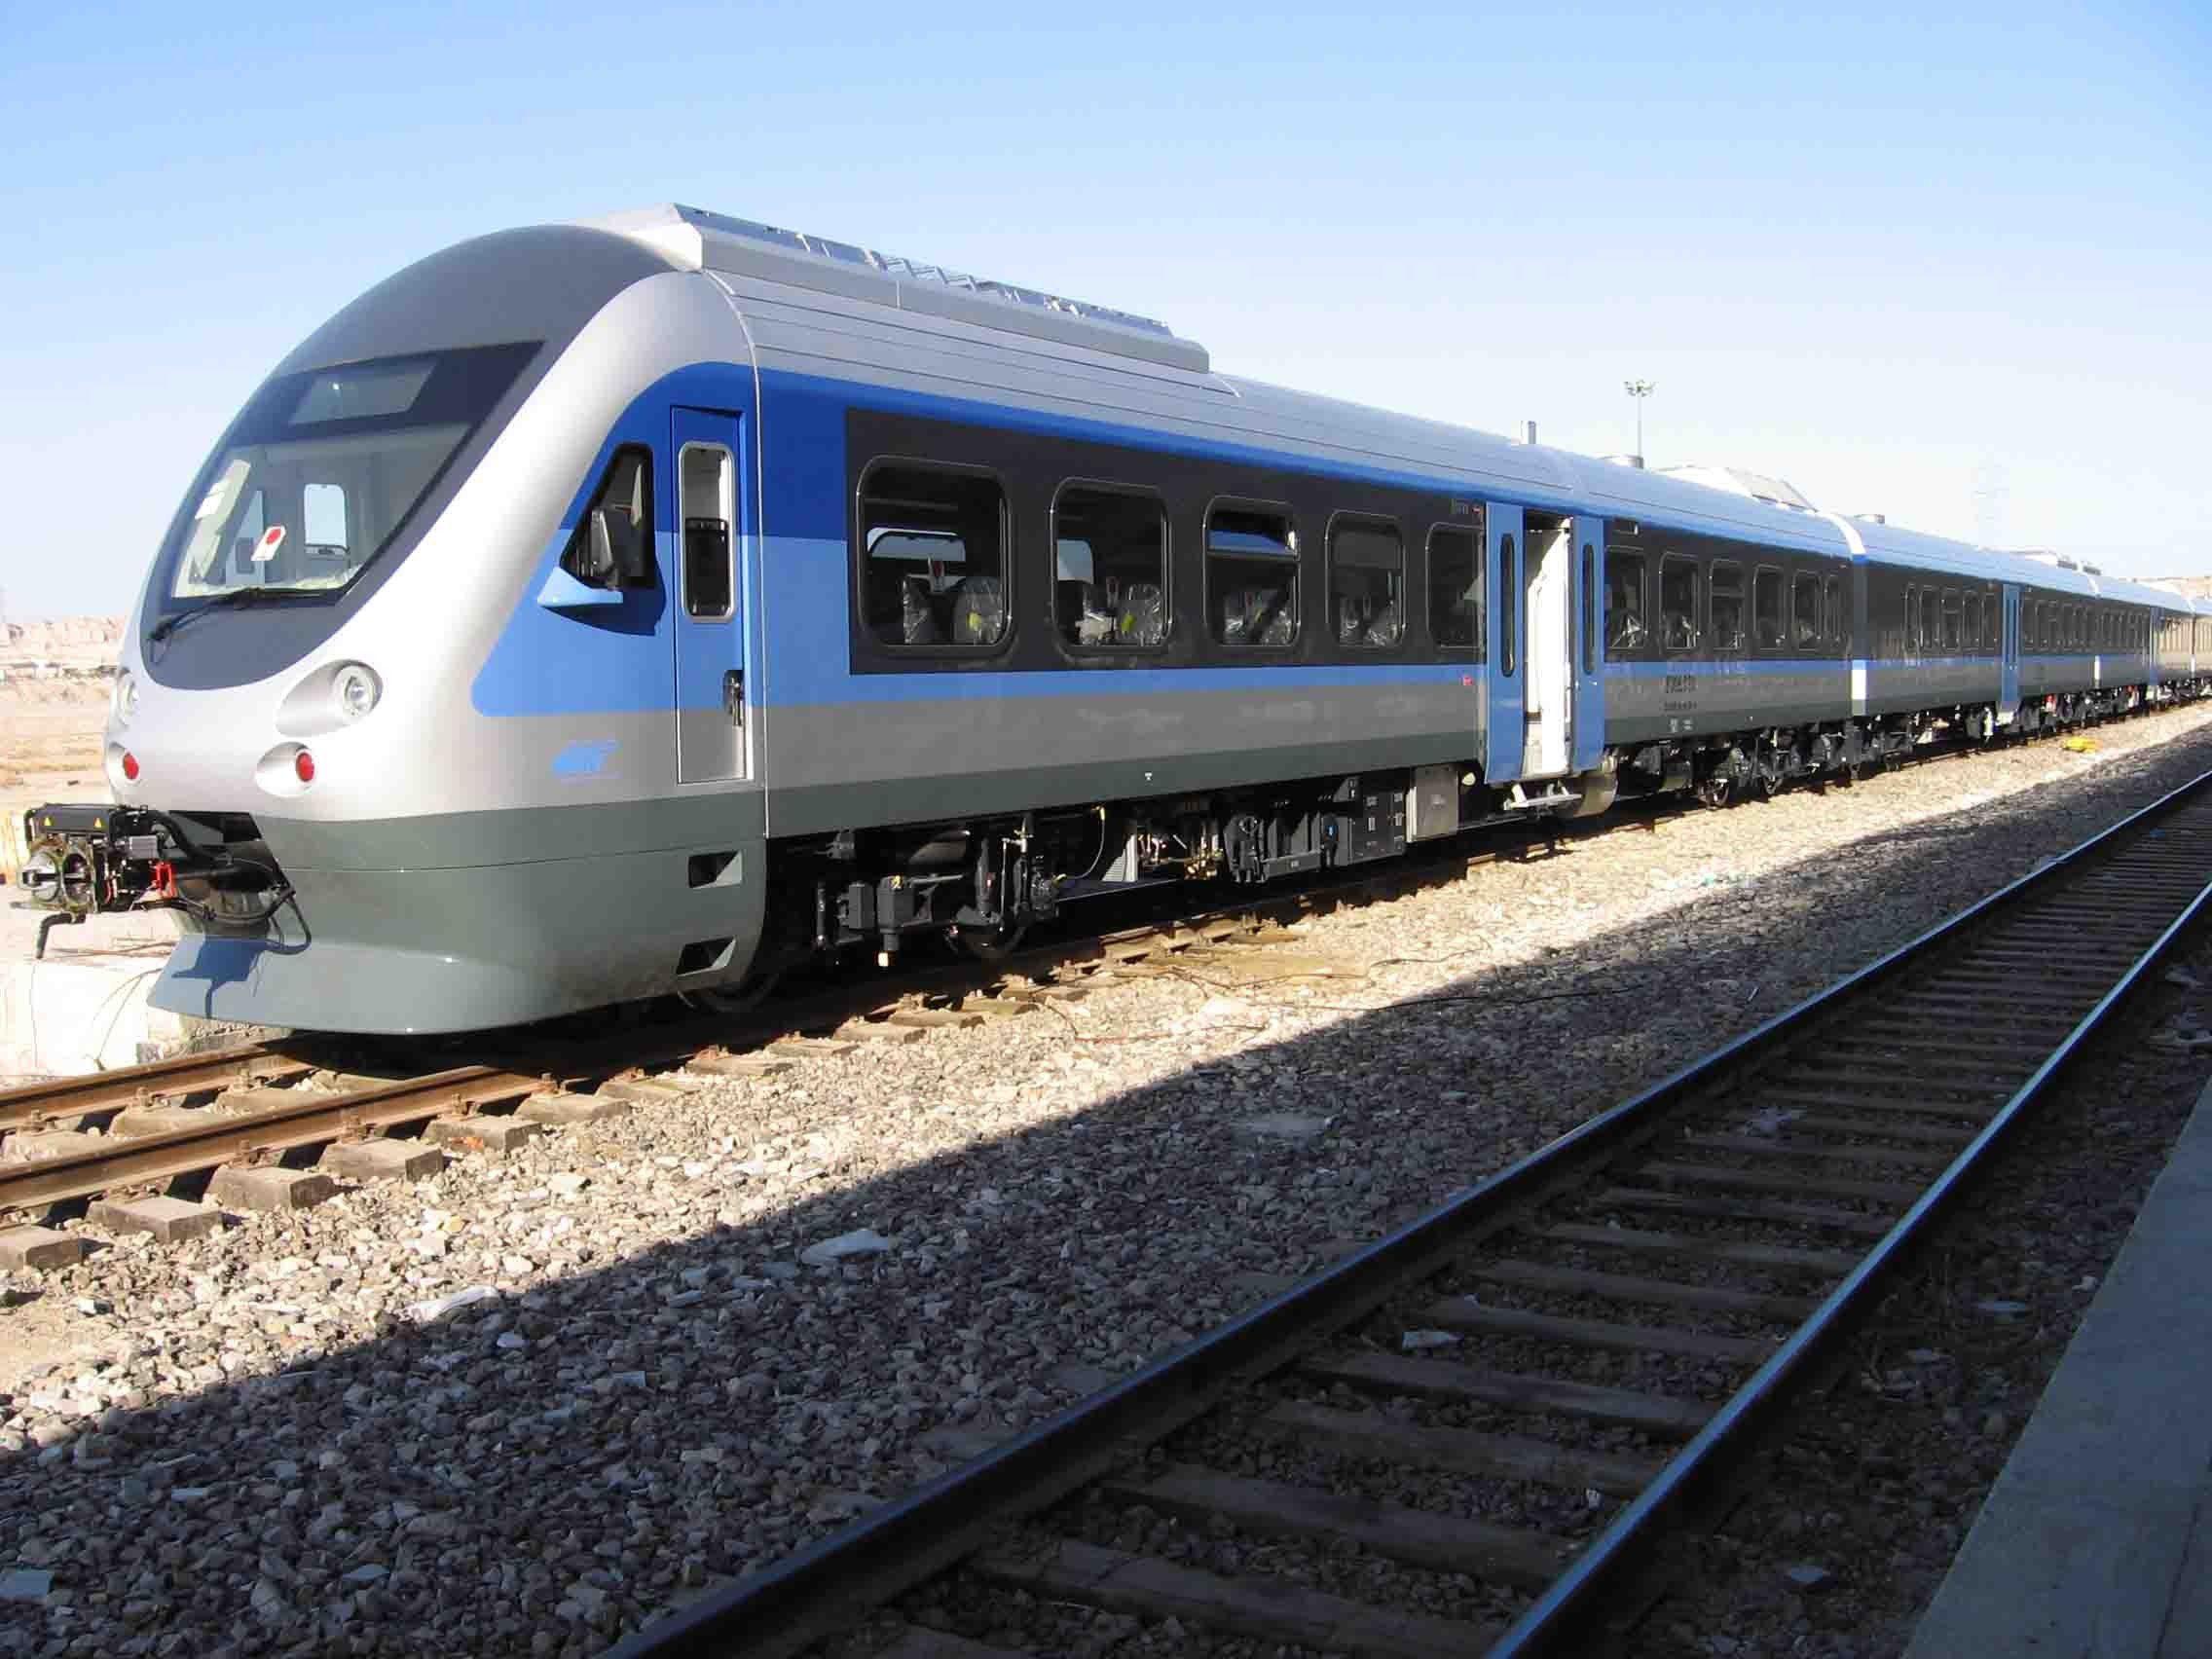 لیست آژانس های مسافرتی دارای مجوز فروش بلیت قطار از شرکت راه آهن